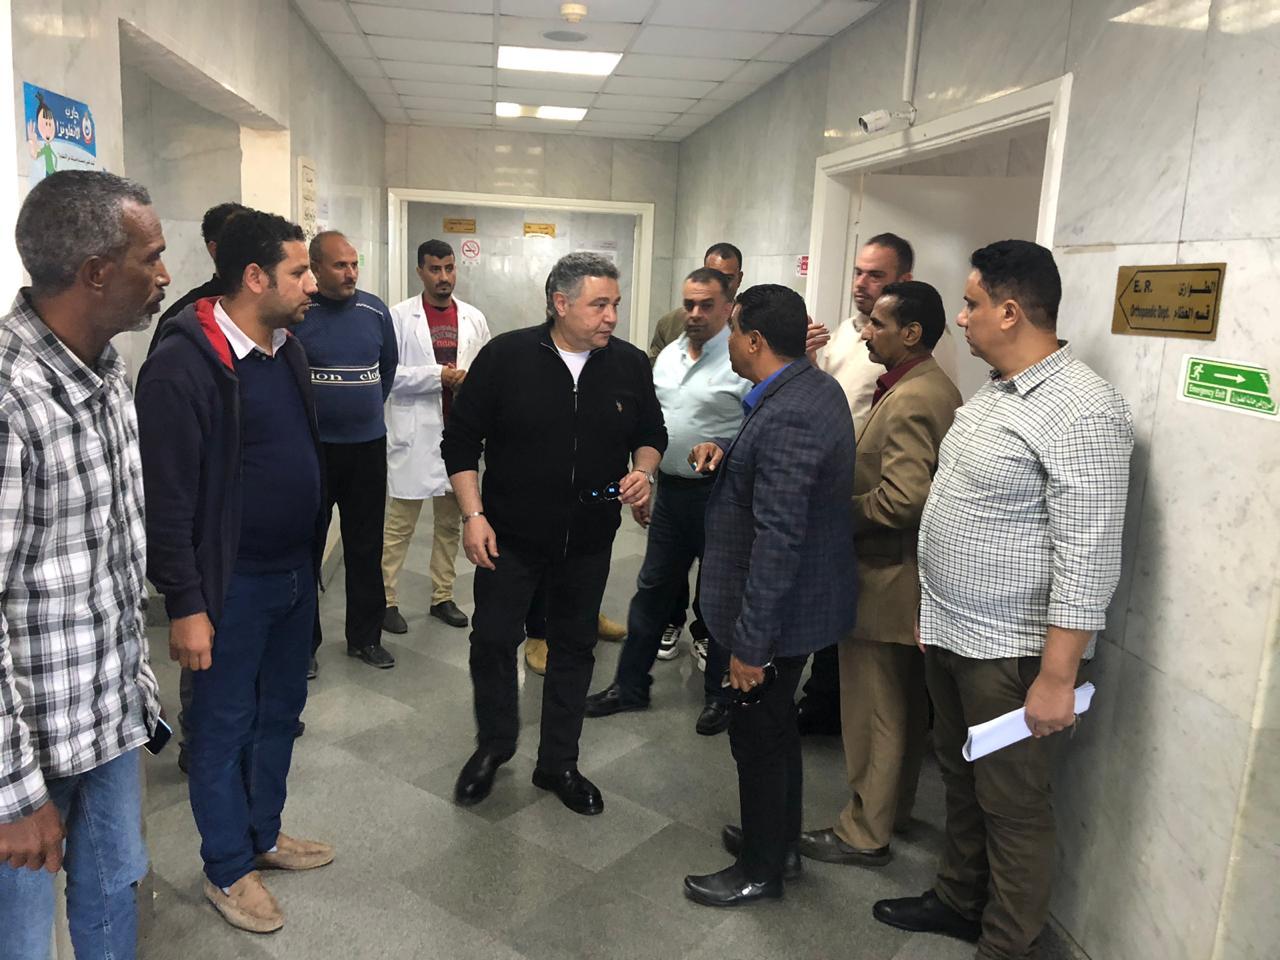 صور | محافظ البحر الأحمر يتفقد مدينة مرسي علم وينقذ عامل مضرب عن الطعام